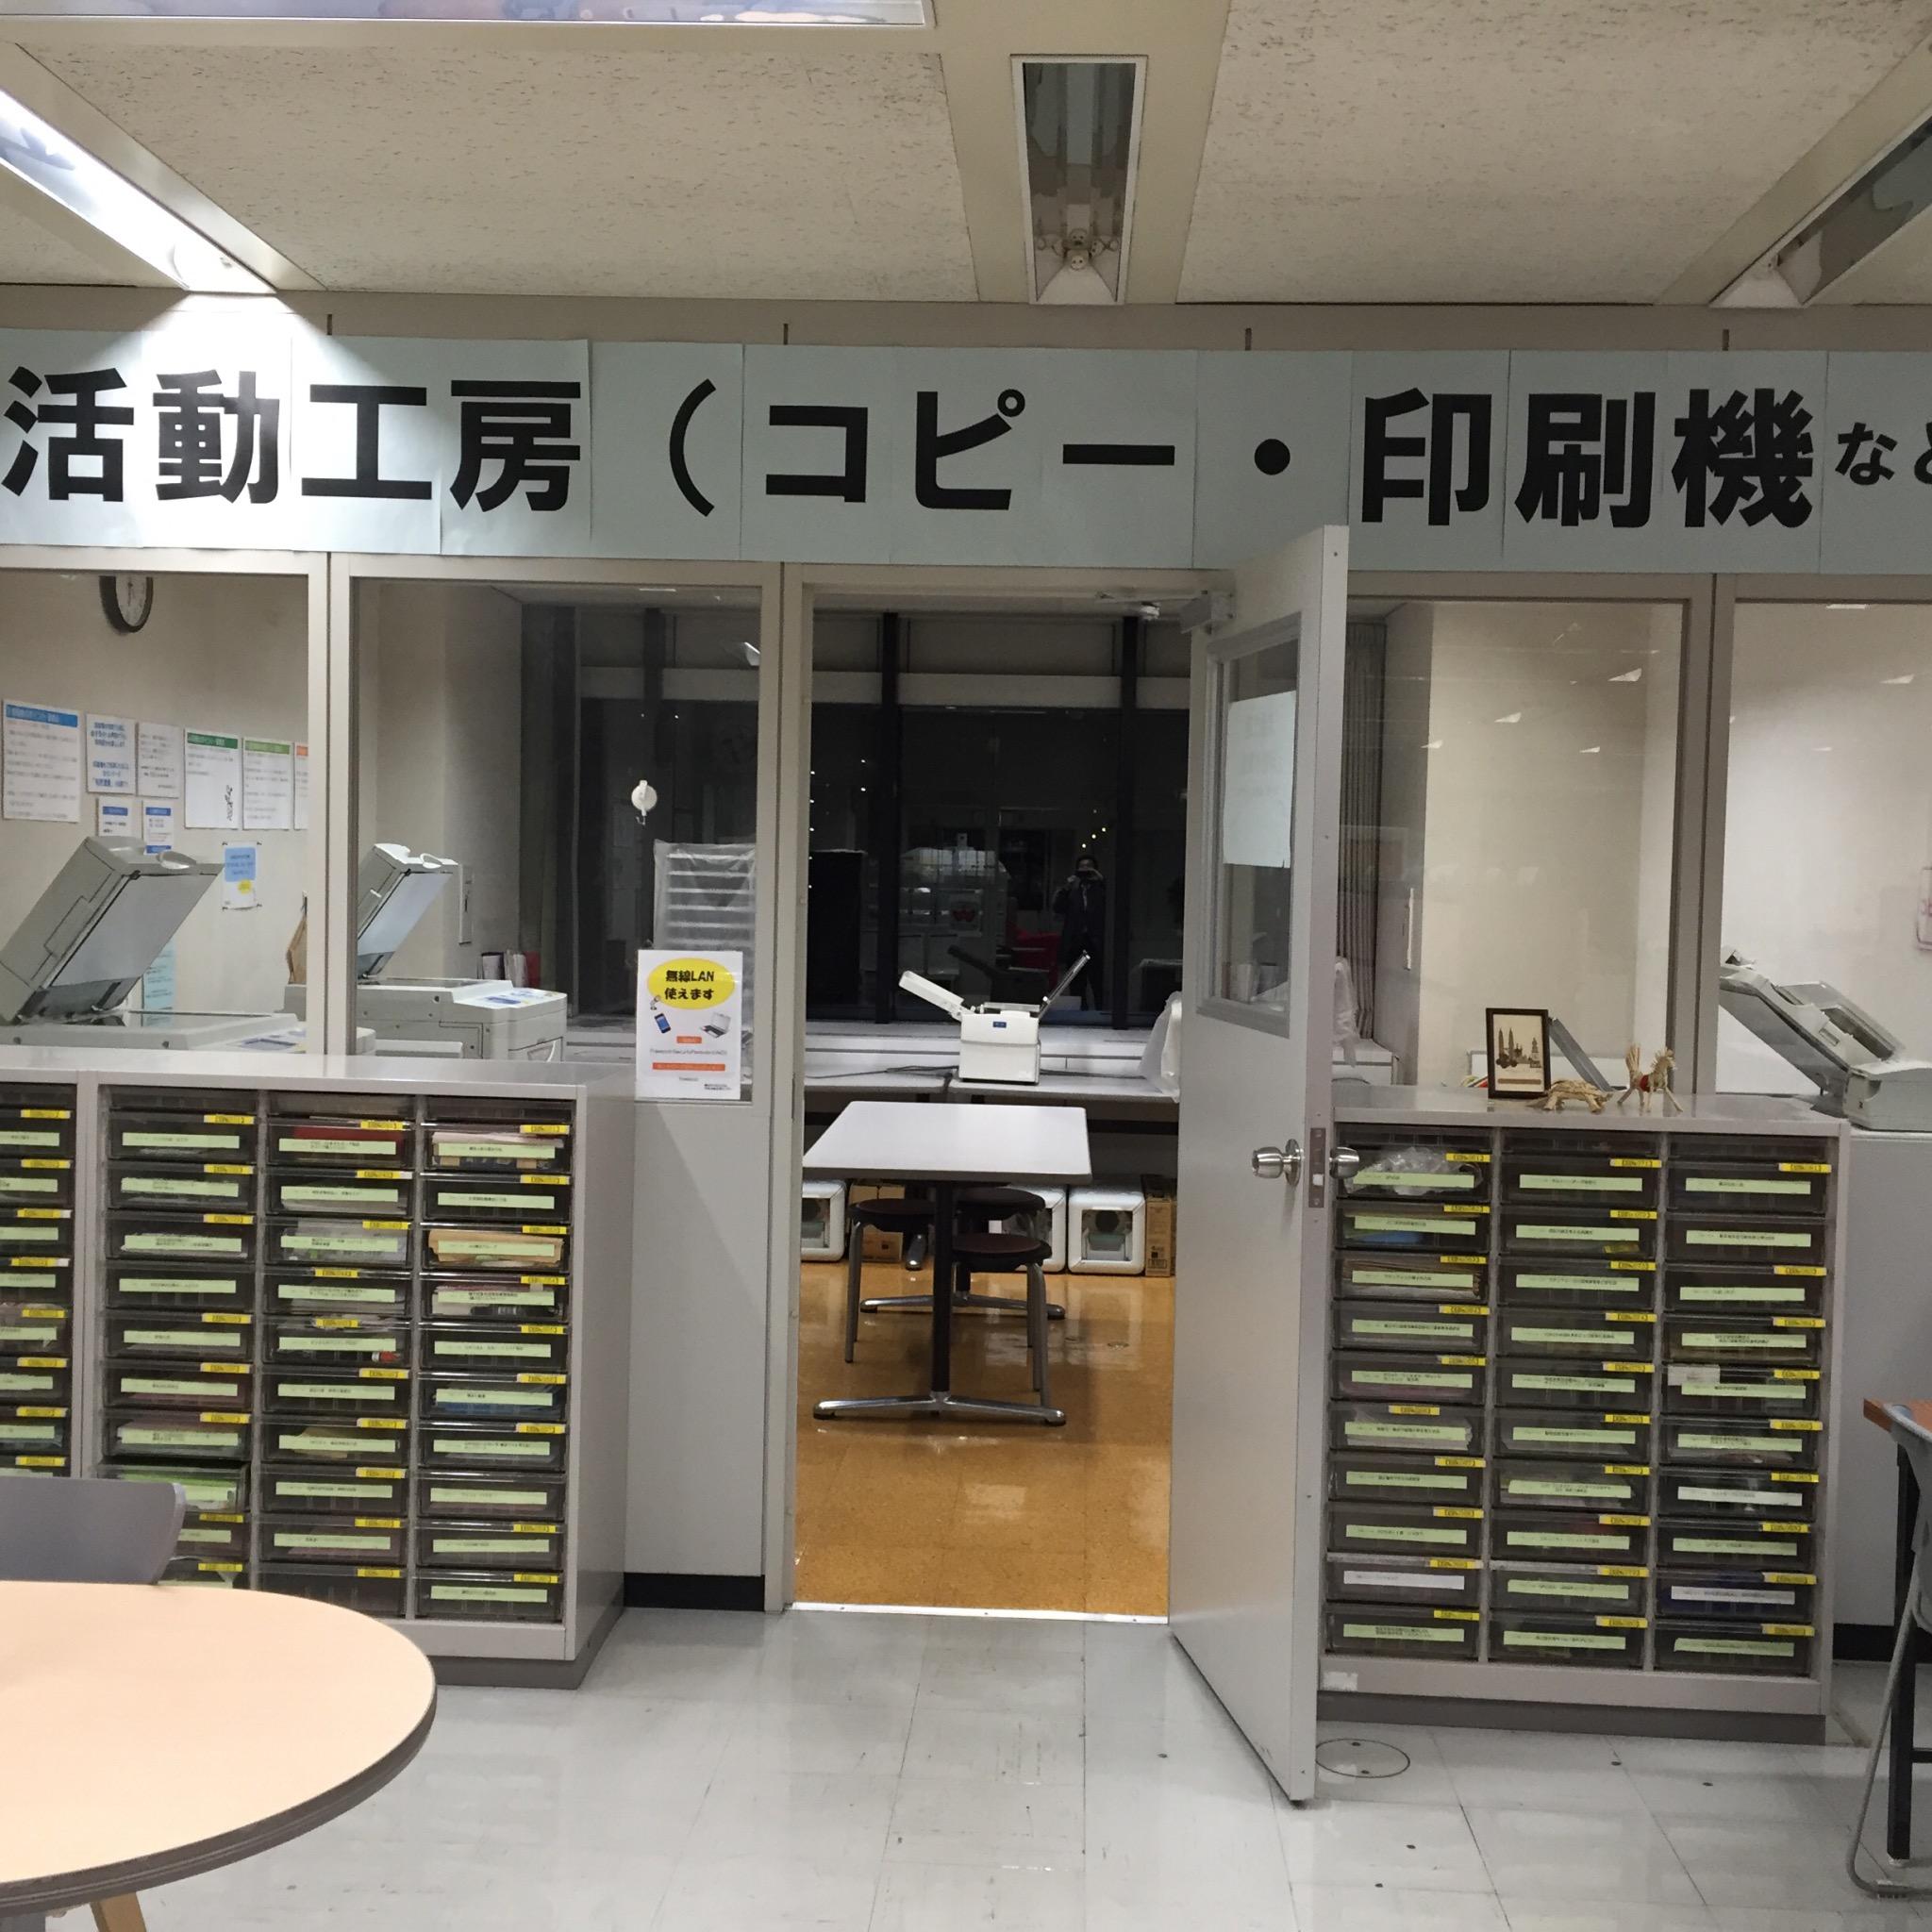 横浜市市民活動支援センターオフィス機能